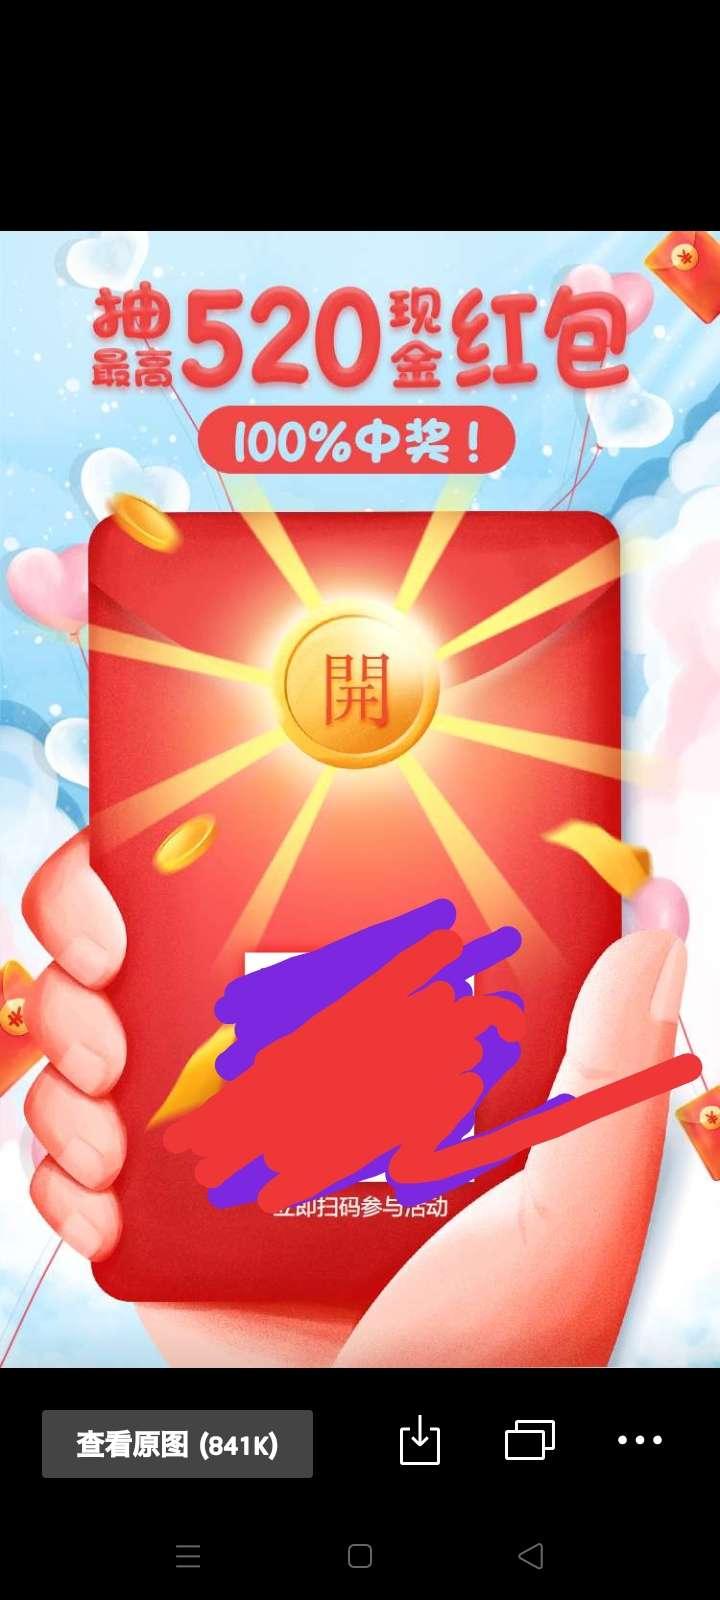 520白衣天使点赞得0.3元微信红包  第3张